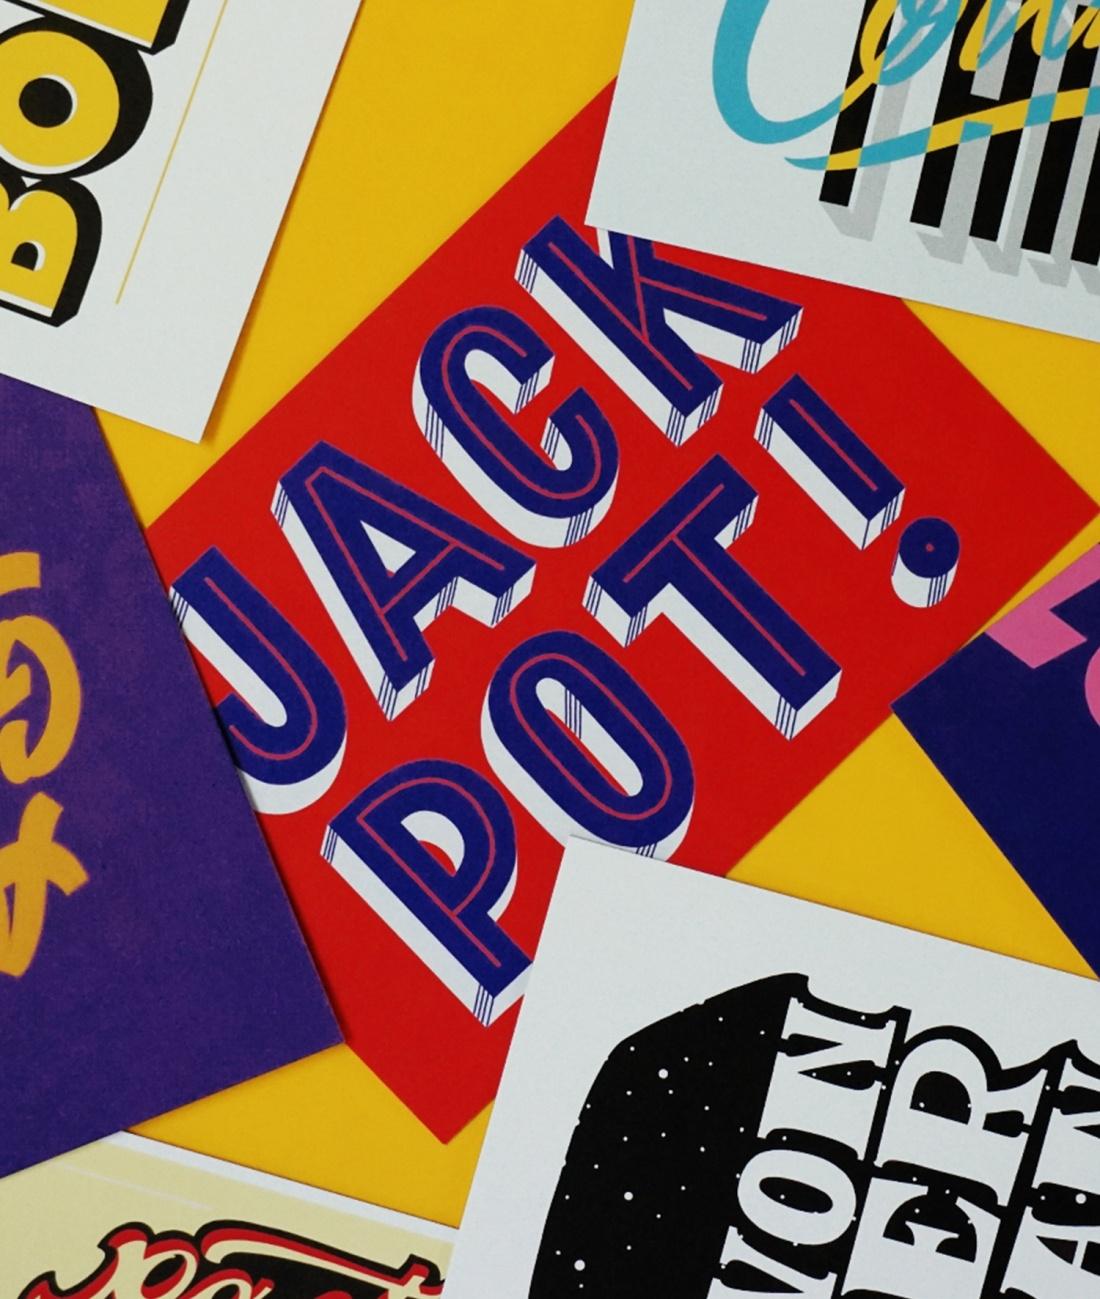 创意明信片设计,伦敦艺术家手写节日庆祝字体设计